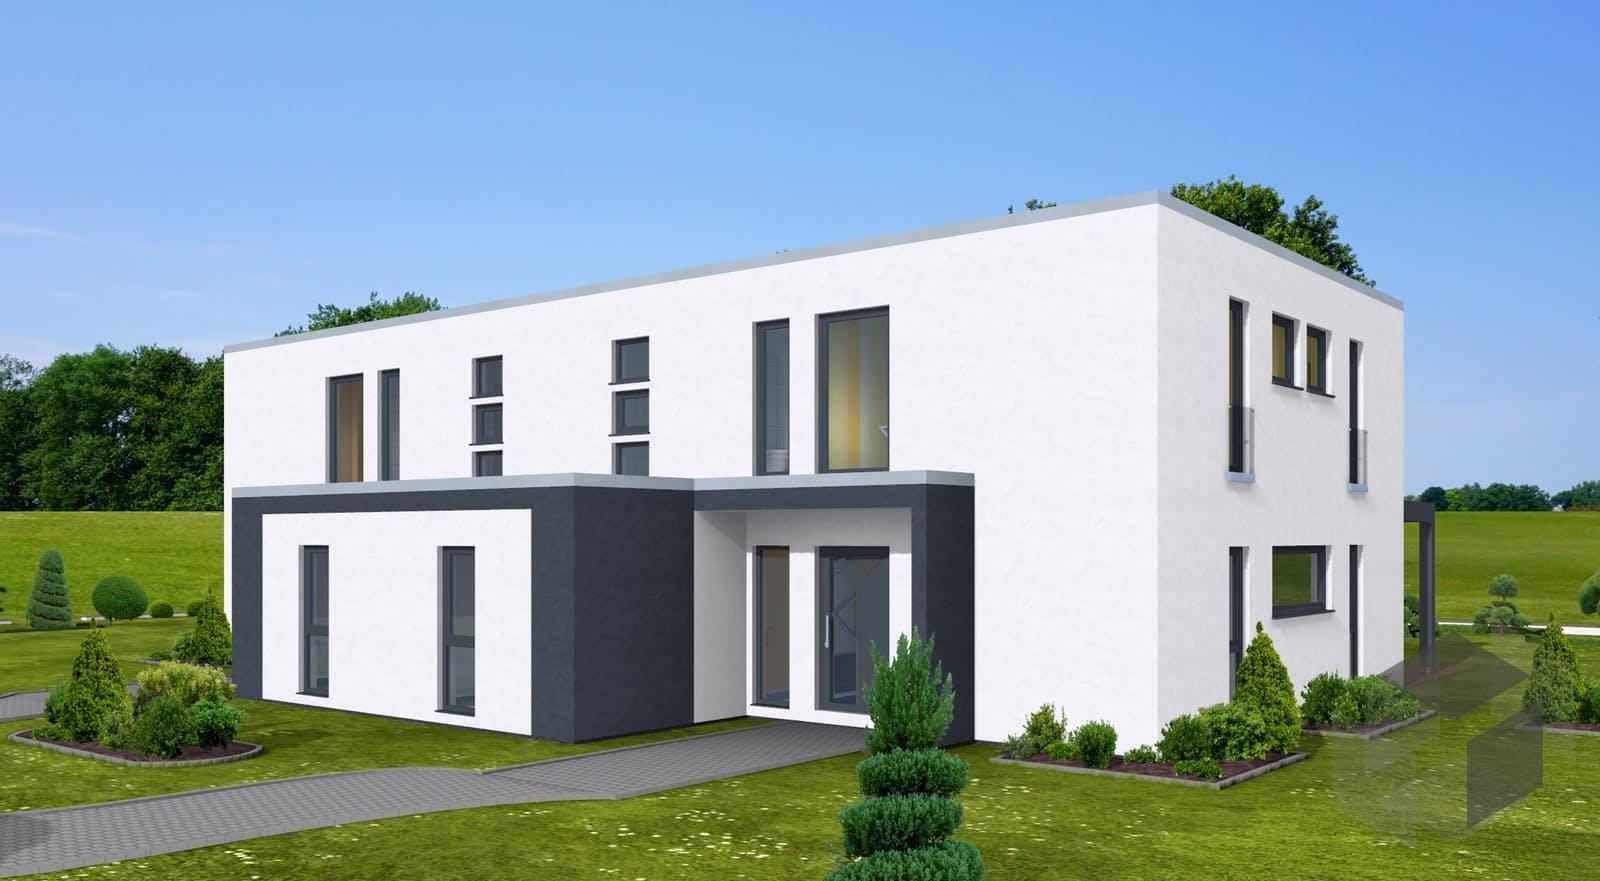 doppelhaus 168 inactive von zimmermann haus komplette daten bersicht. Black Bedroom Furniture Sets. Home Design Ideas